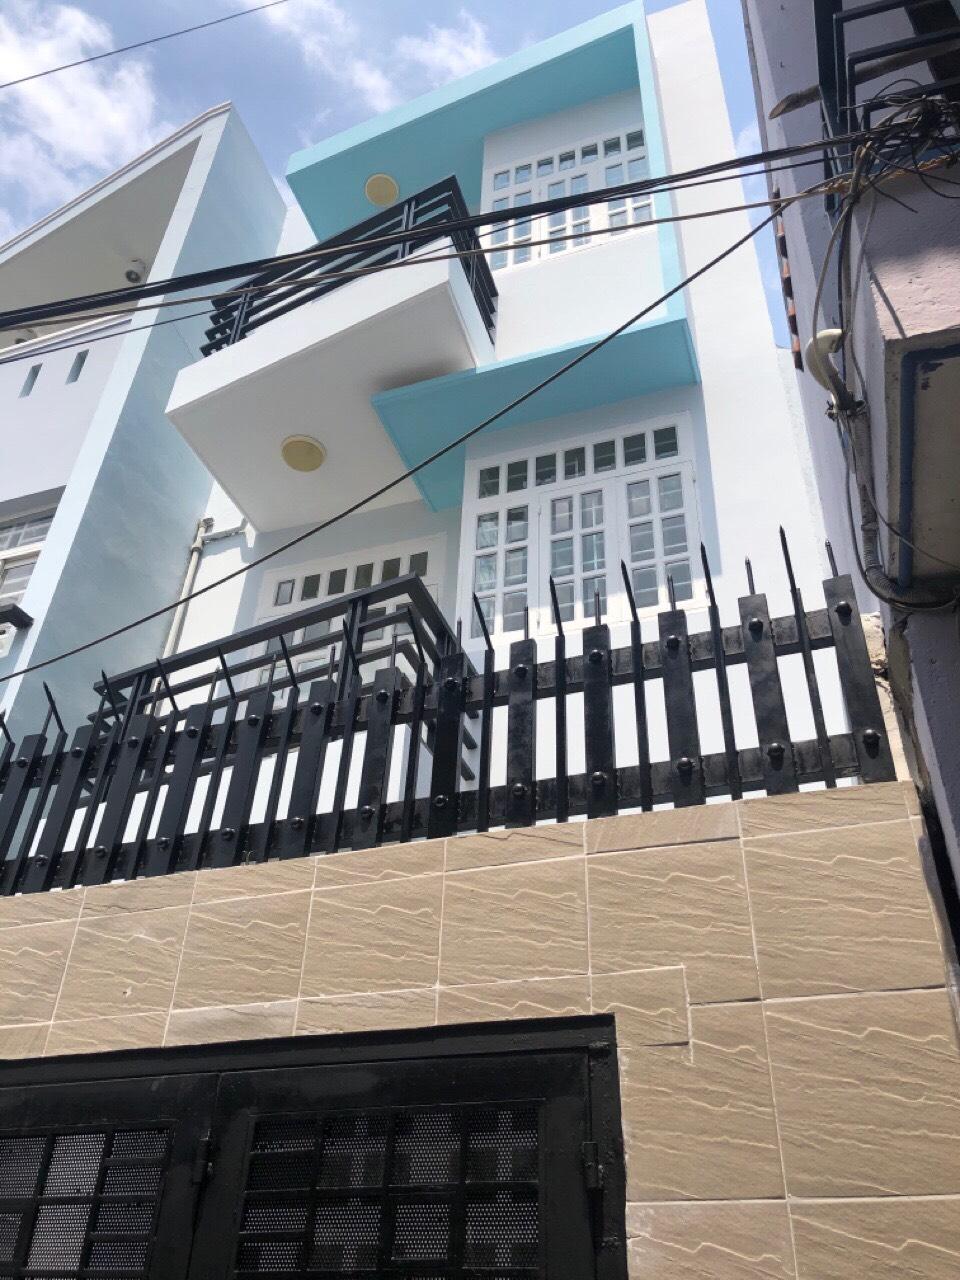 Bán nhà hẻm xe hơi 141 Tám Danh phường 4 Quận 8, gần chợ Phạm Thế Hiển